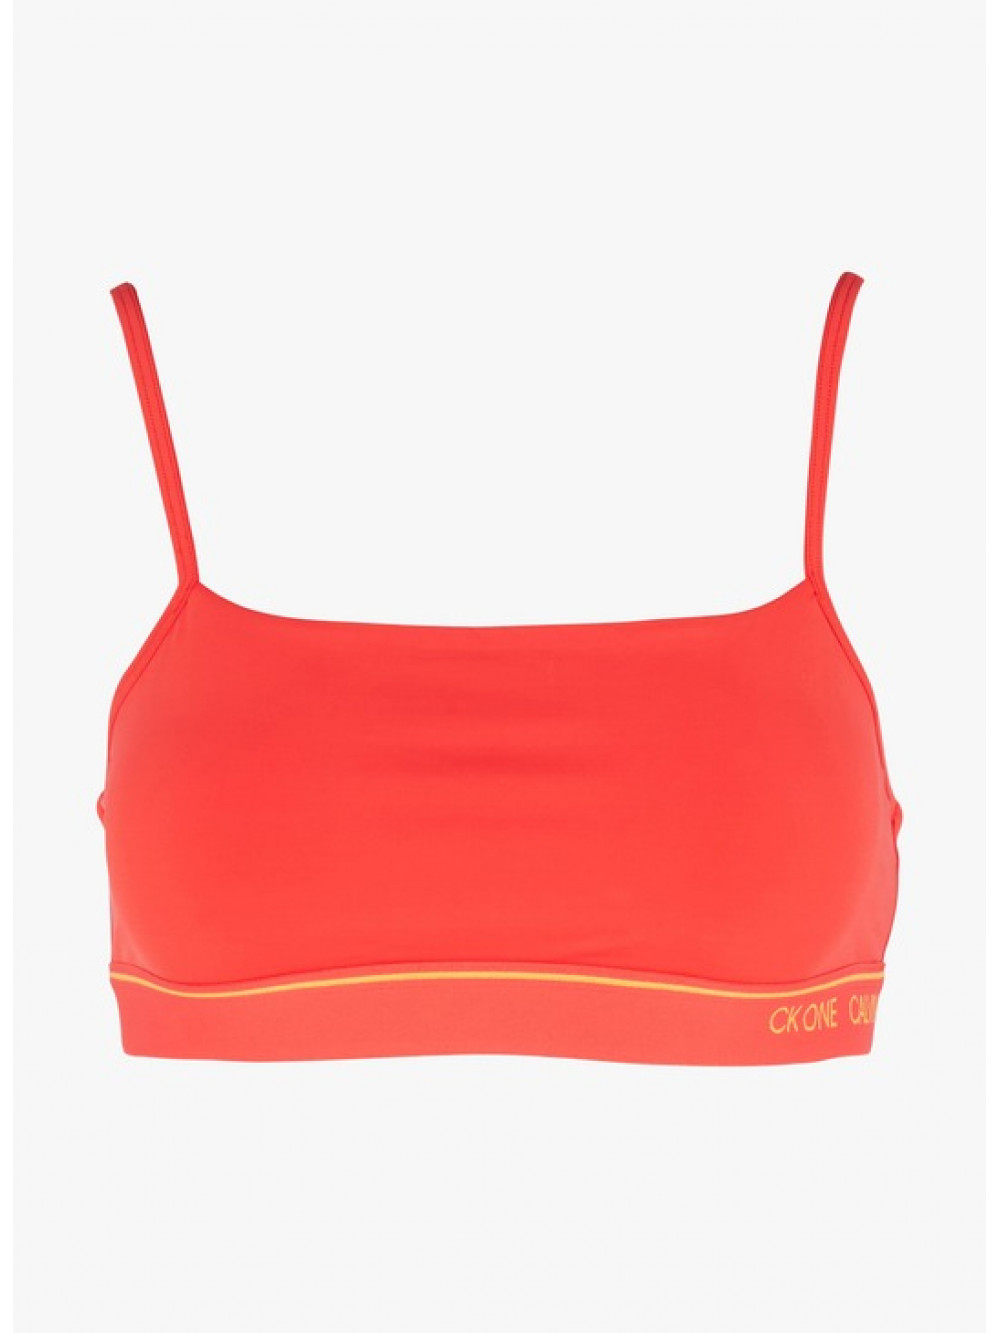 Dámská sportovní podprsenka Calvin Klein CK ONE Unlined Bra červená